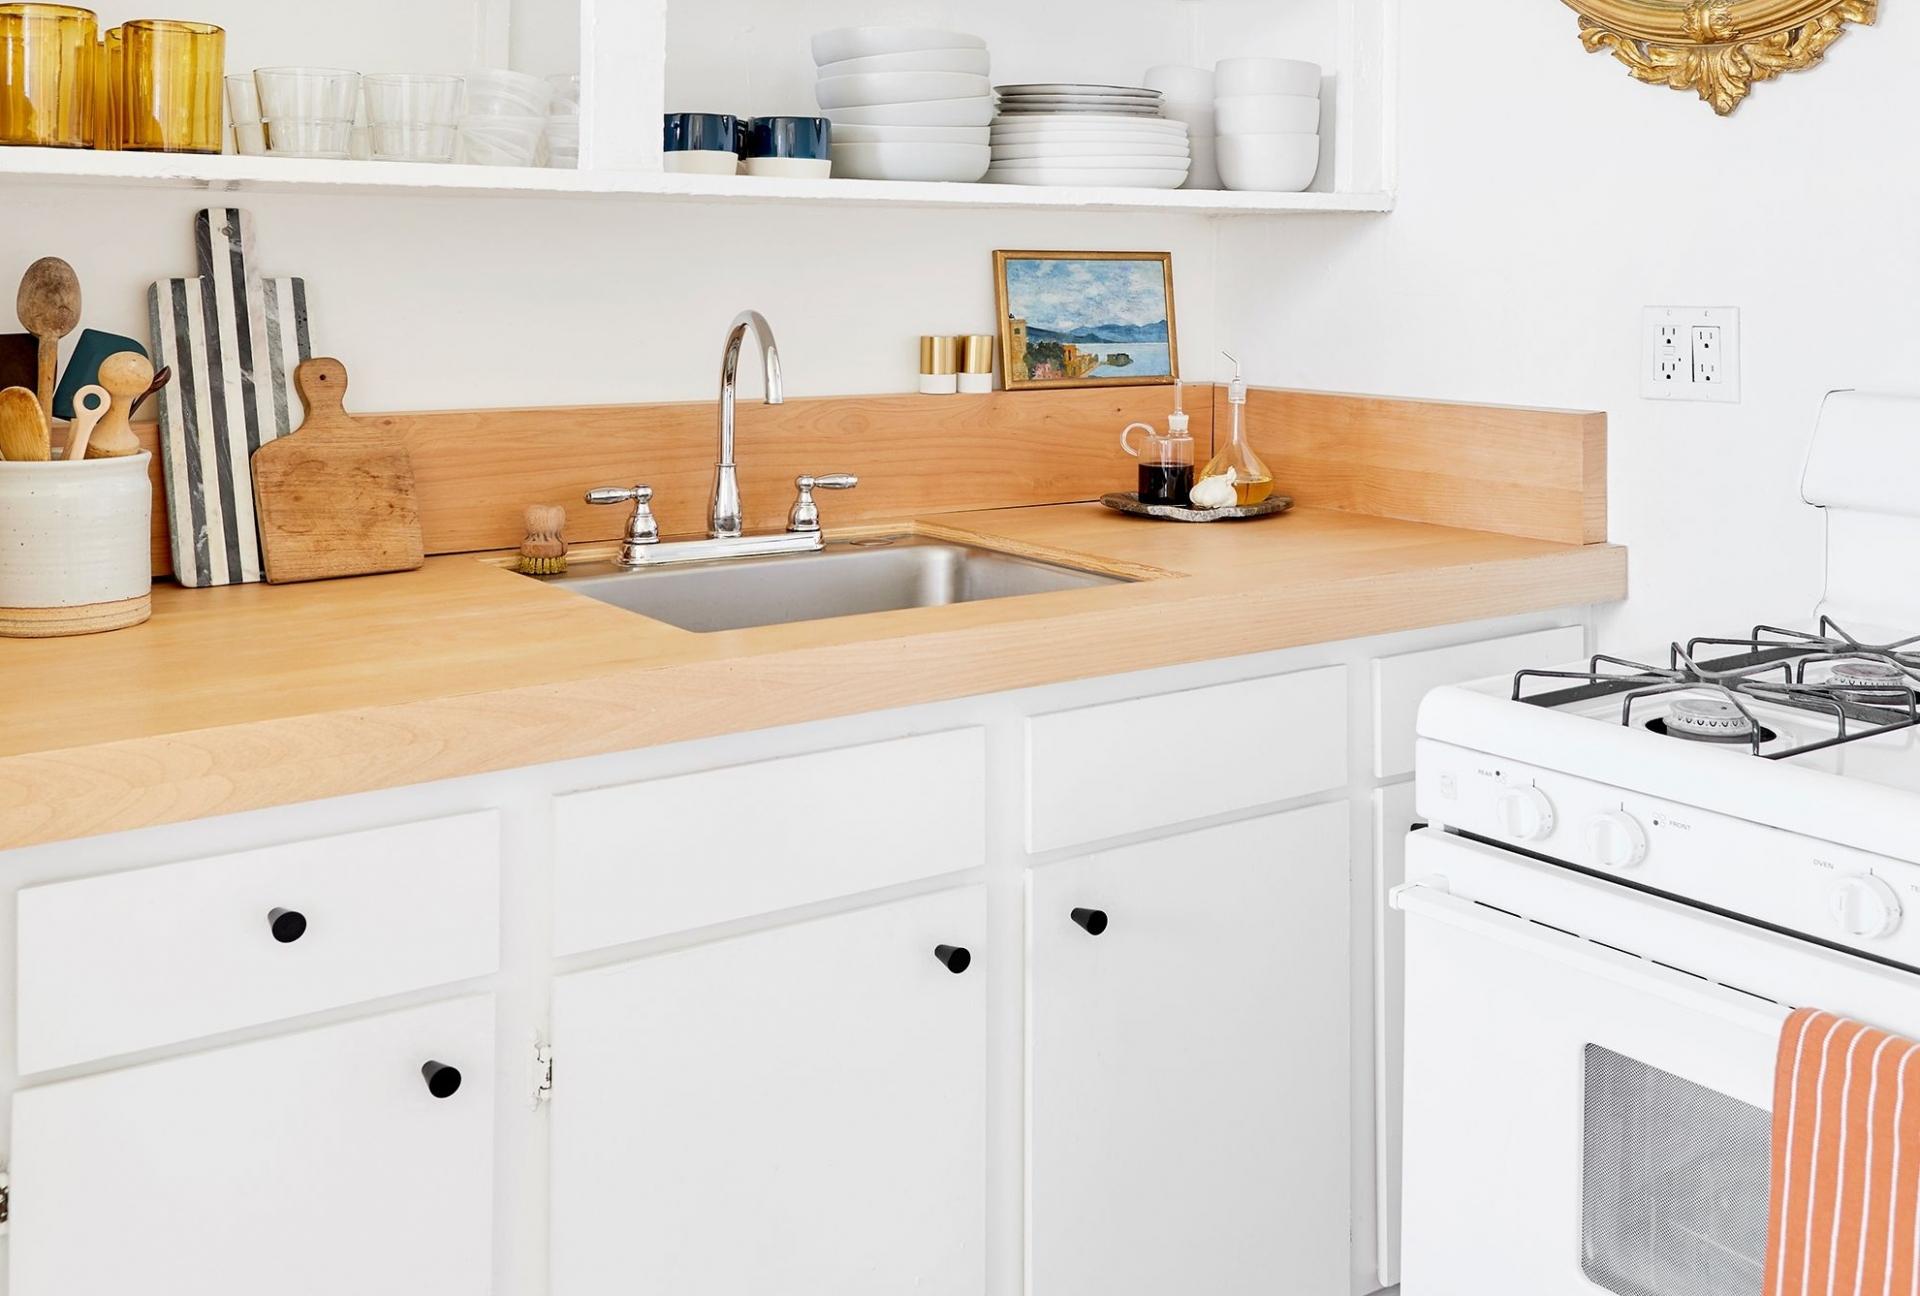 Các vật dụng giúp đơn giản và tối ưu hóa không gian bếp